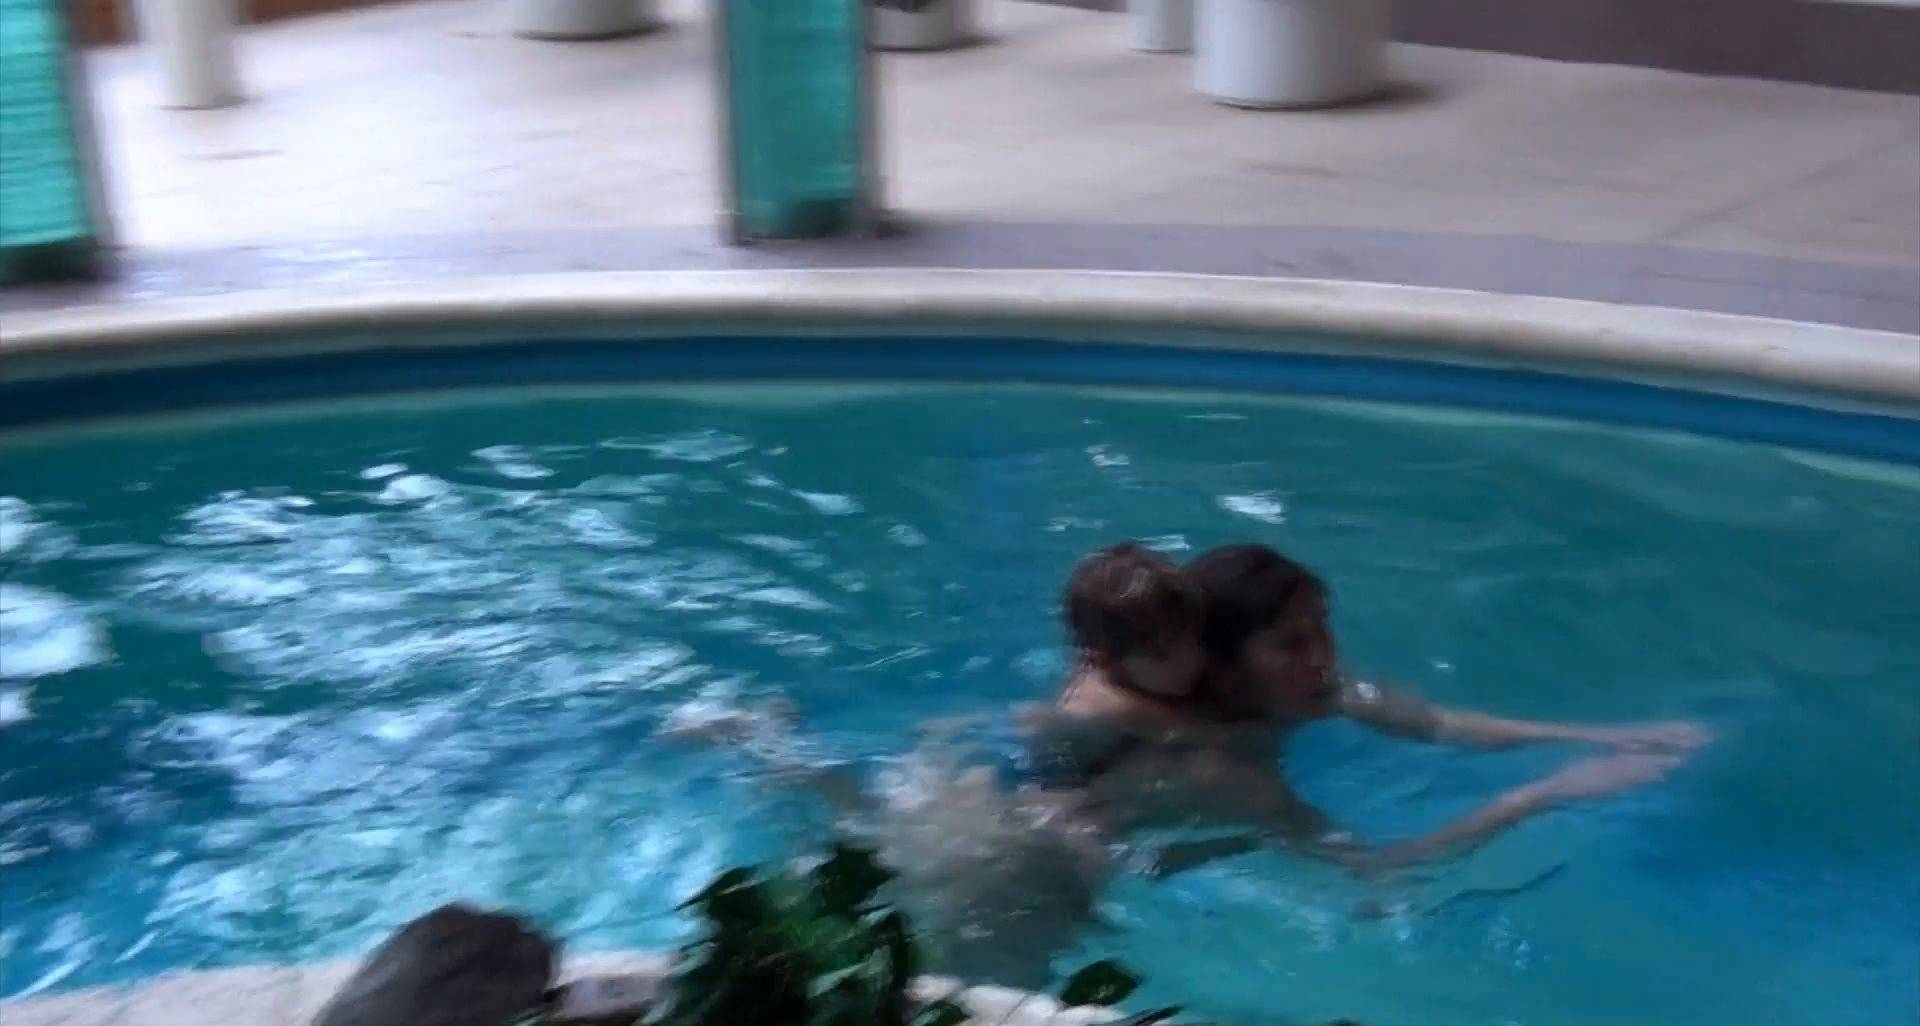 Naturist Videos Kids Indoor Dolphin Ride - 2